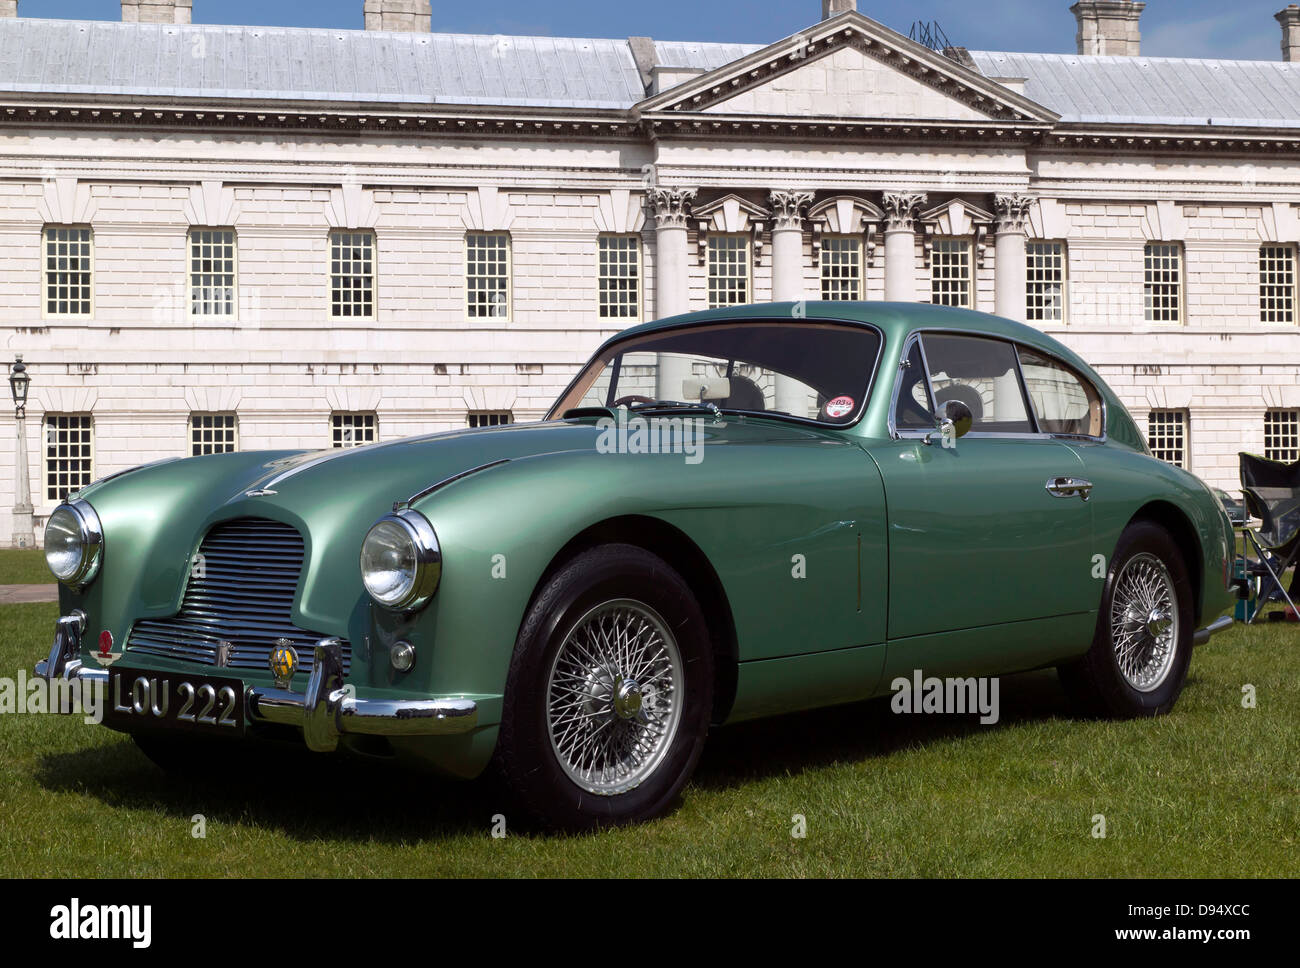 Vintage Aston Martin Stock Photos Vintage Aston Martin Stock